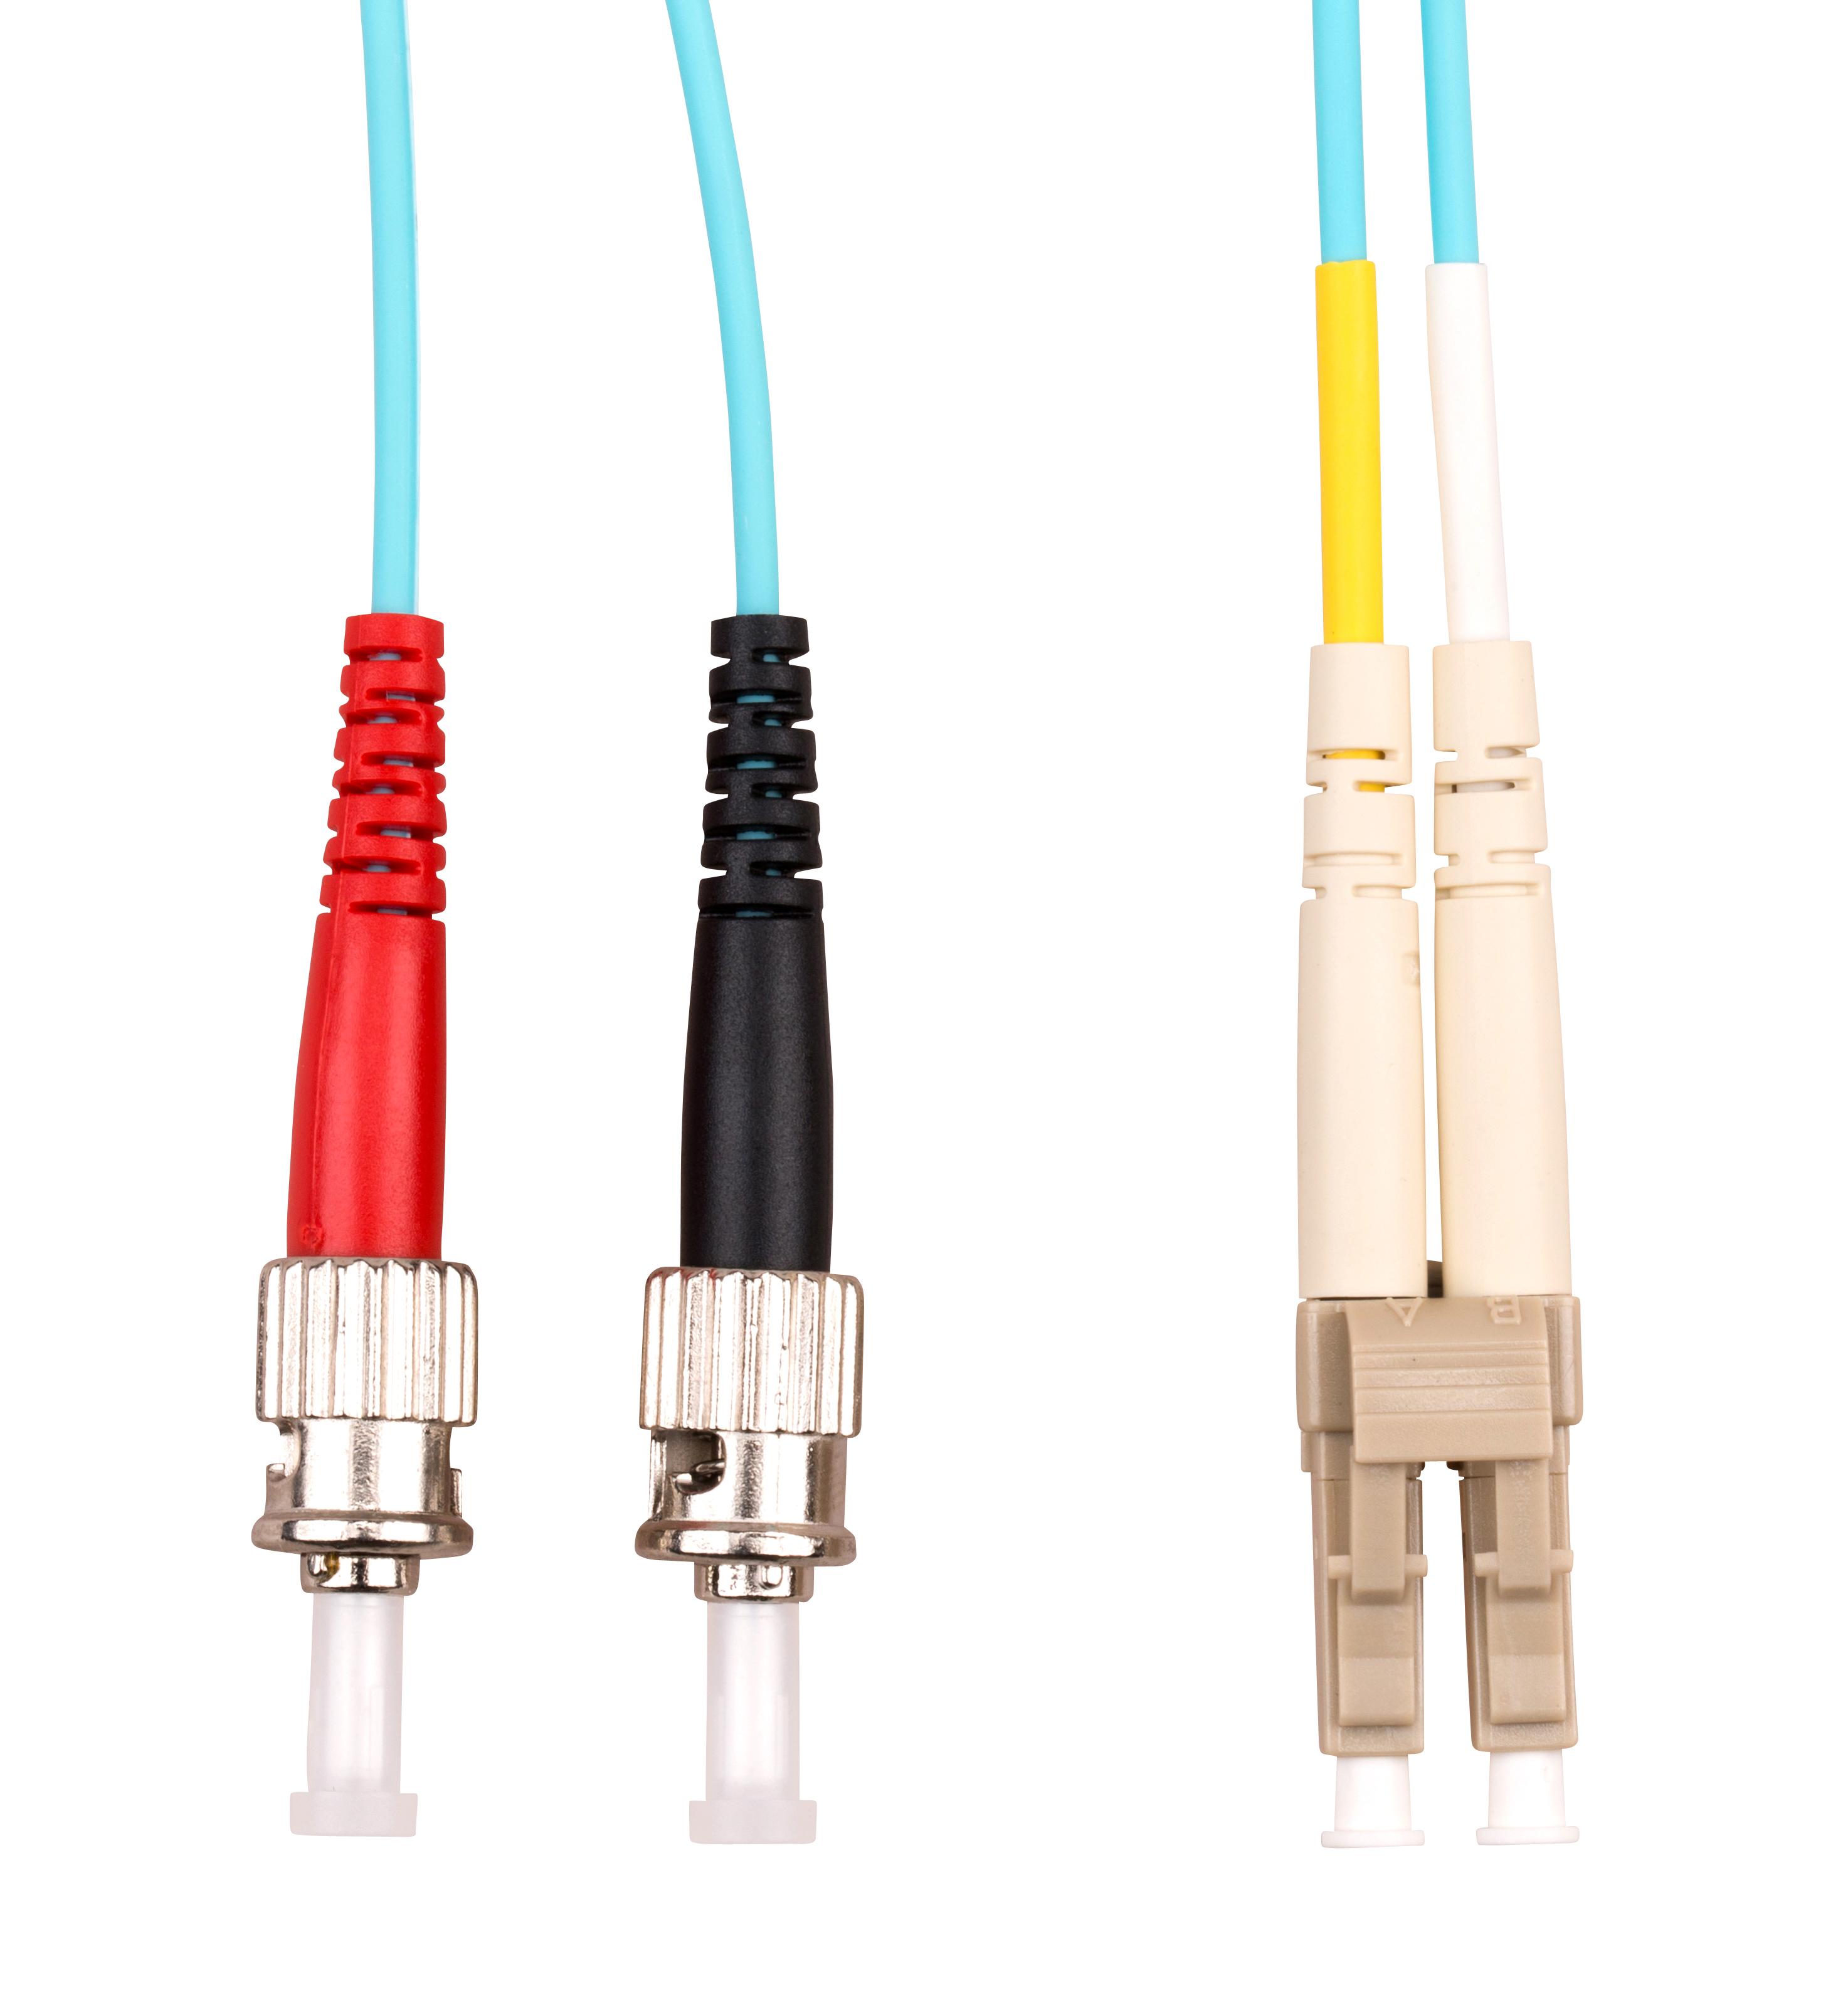 1 Stk LWL Patchkabel Duplex LC/ST,50/125µm OM3,LS0H-3,aqua,10.0m HLP23LT10F